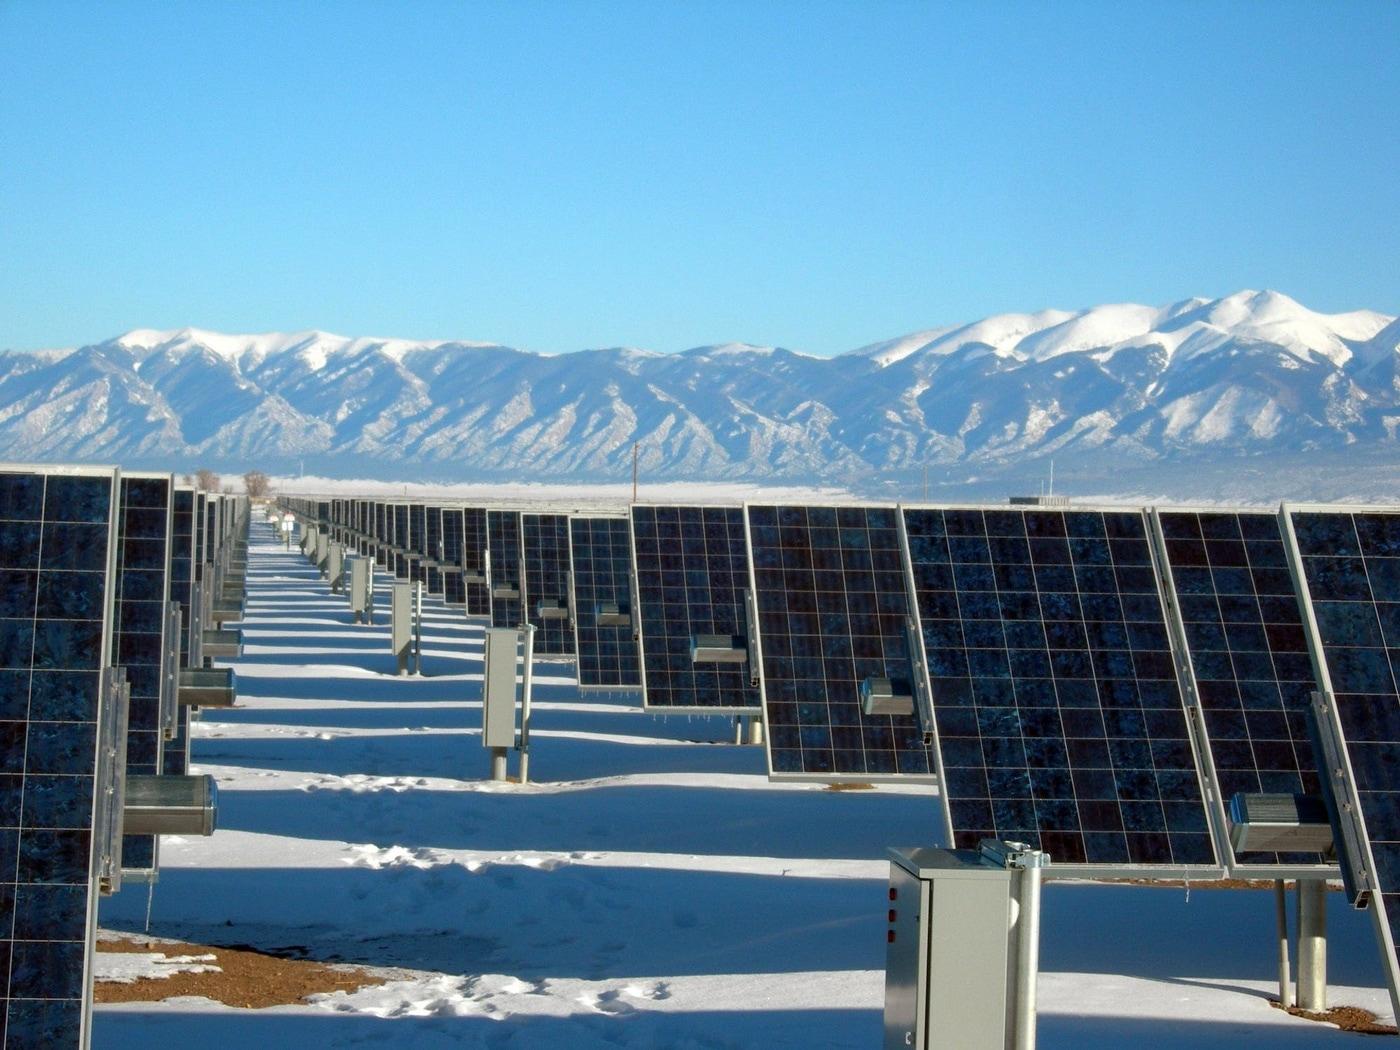 Solar Power Company Marketing